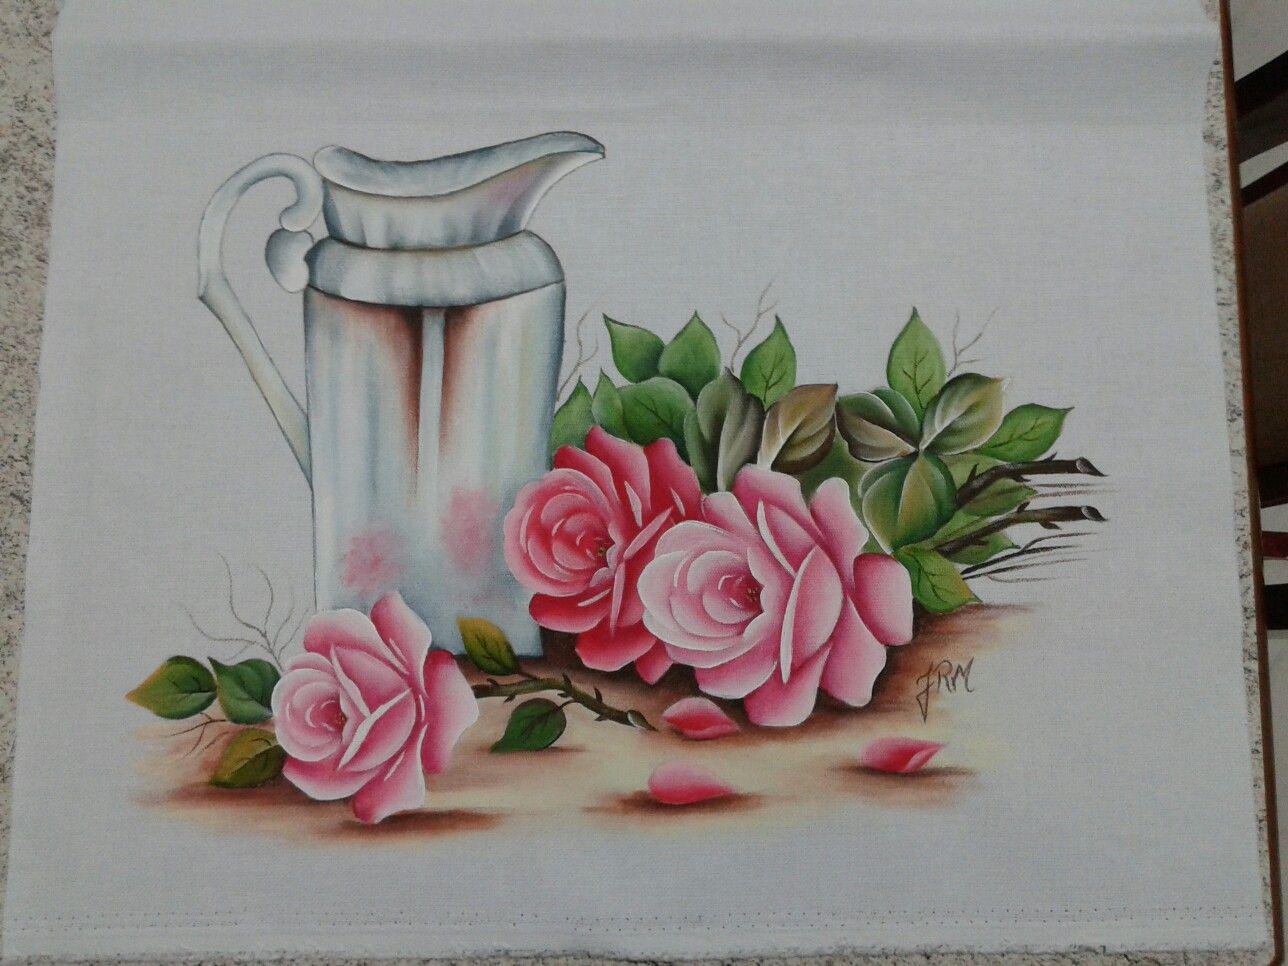 Pintura em tecido jarro e rosas minhas pinturas for Pintura para decoupage